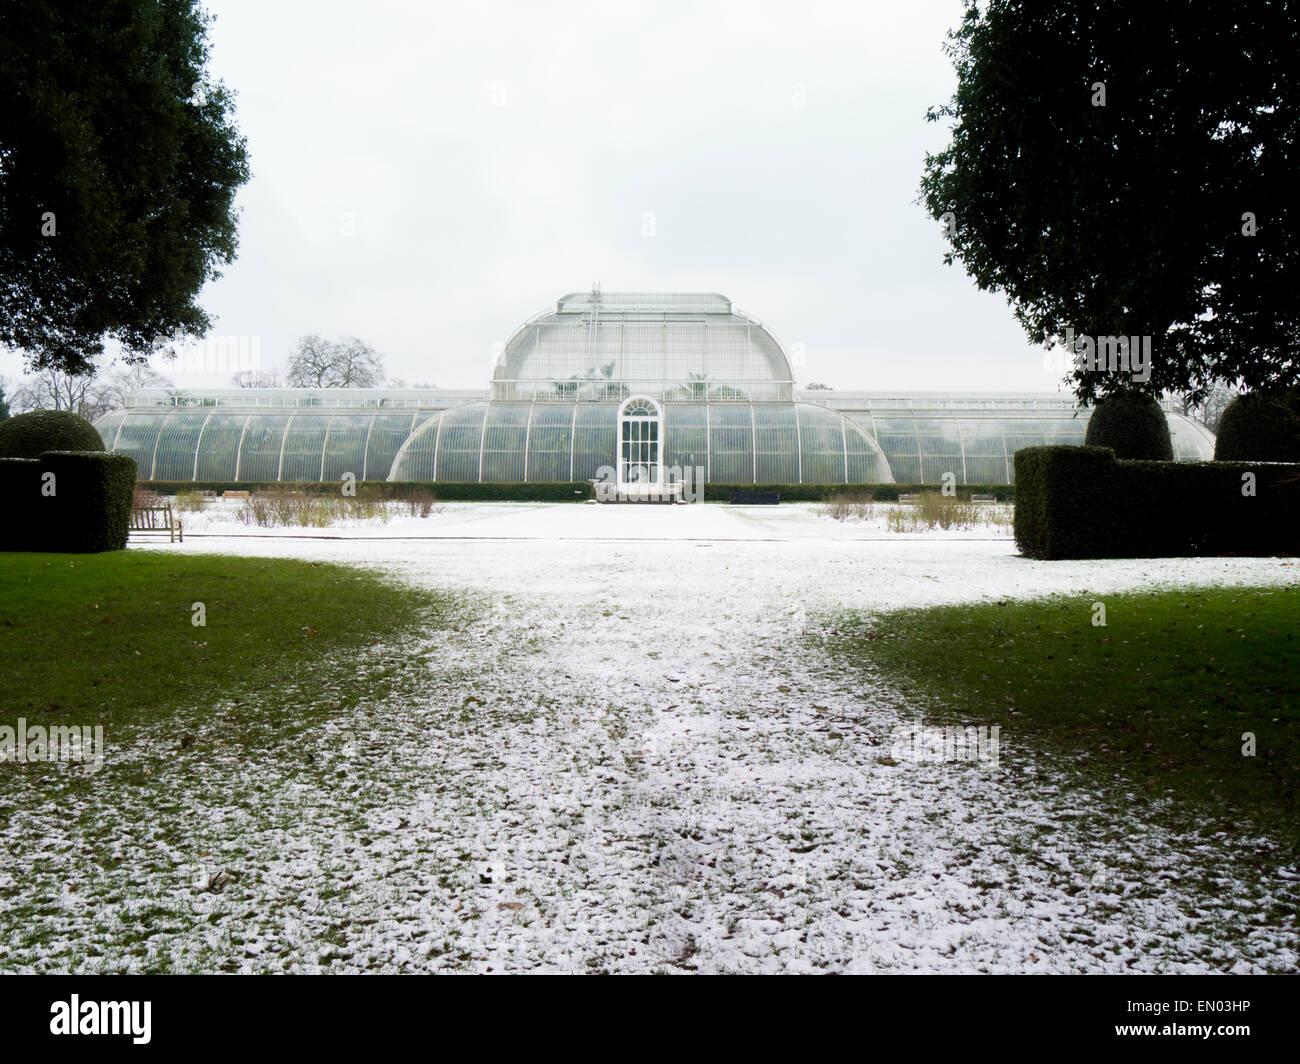 Europa, Regno Unito, Inghilterra, Londra, Kew Gardens inverno la casa delle palme Immagini Stock